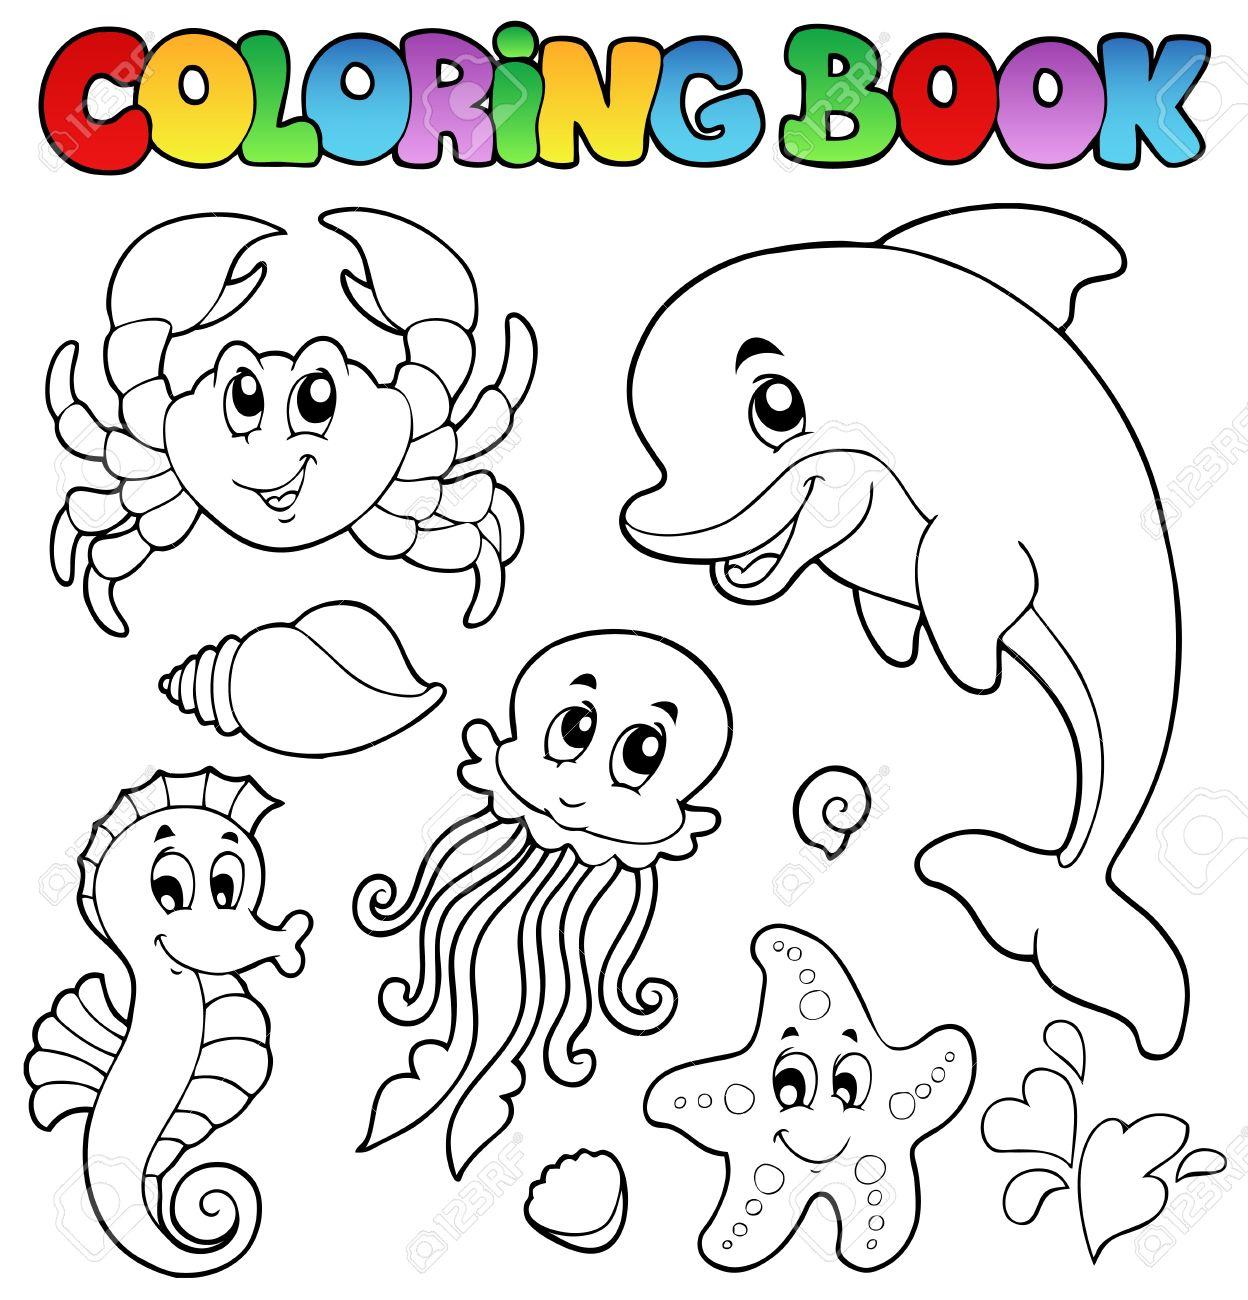 Dibujos Para Colorear Animales De Libros Diversos Mar 2 ...